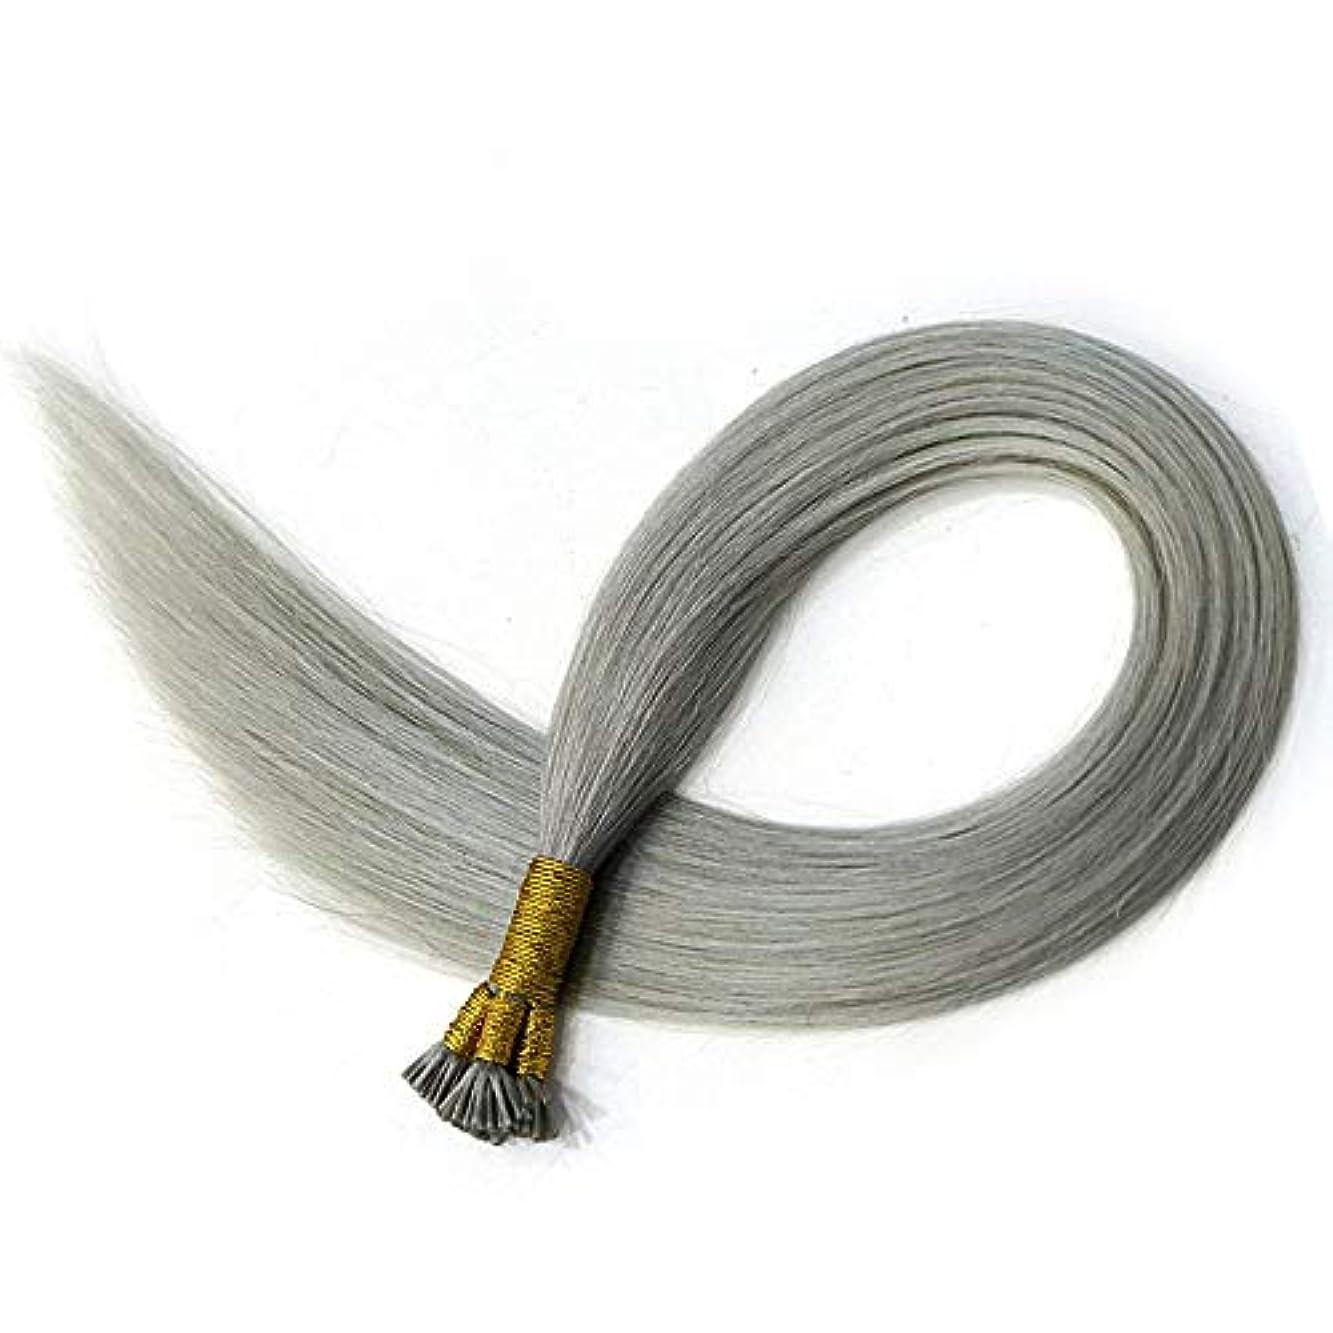 粘り強いインセンティブ懺悔WASAIO ヘアエクステンション人毛スリヴァー灰色デュアル描かれたネイルヘアエクステンション100グラム/パック (色 : グレー, サイズ : 16 inch)